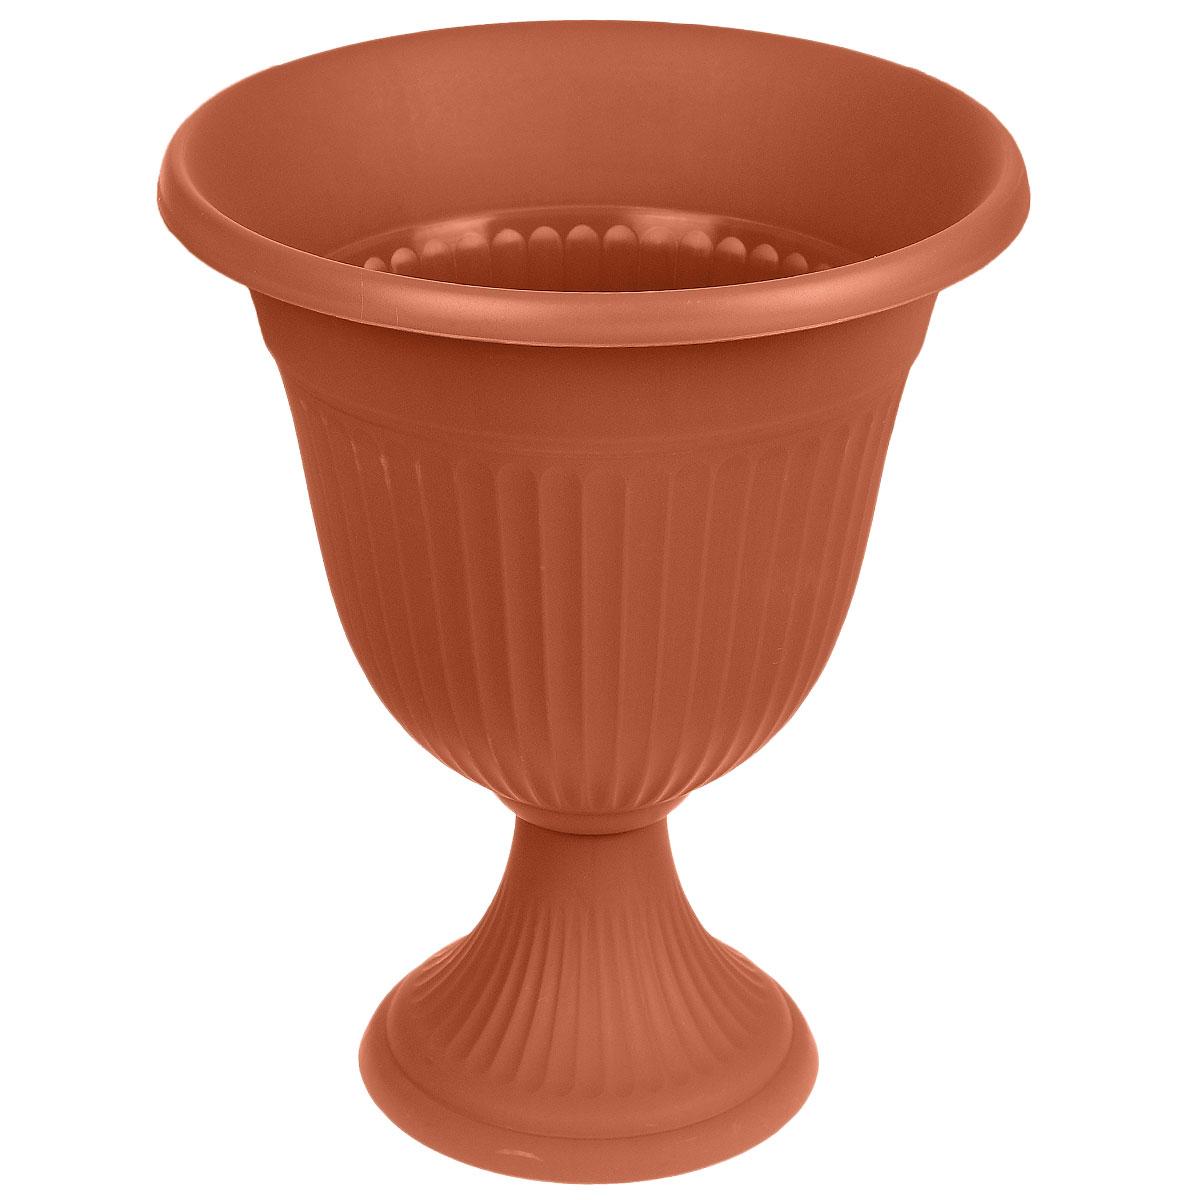 Вазон Idea Ливия, цвет: терракотовый, высота 43 смKOC_SOL249_G4Вазон Idea Ливия изготовлен из высококачественного полипропилена (пластика). Верхняя часть съемная.Благодаря устойчивому широкому основанию вазон не упадет. Такой вазон прекрасно подойдет для выращивания растений и цветов в домашних условиях. Классический дизайн впишется в любой интерьер. Диаметр (по верхнему краю): 35 см.Высота: 43 см.Диаметр основания: 20,5 см.